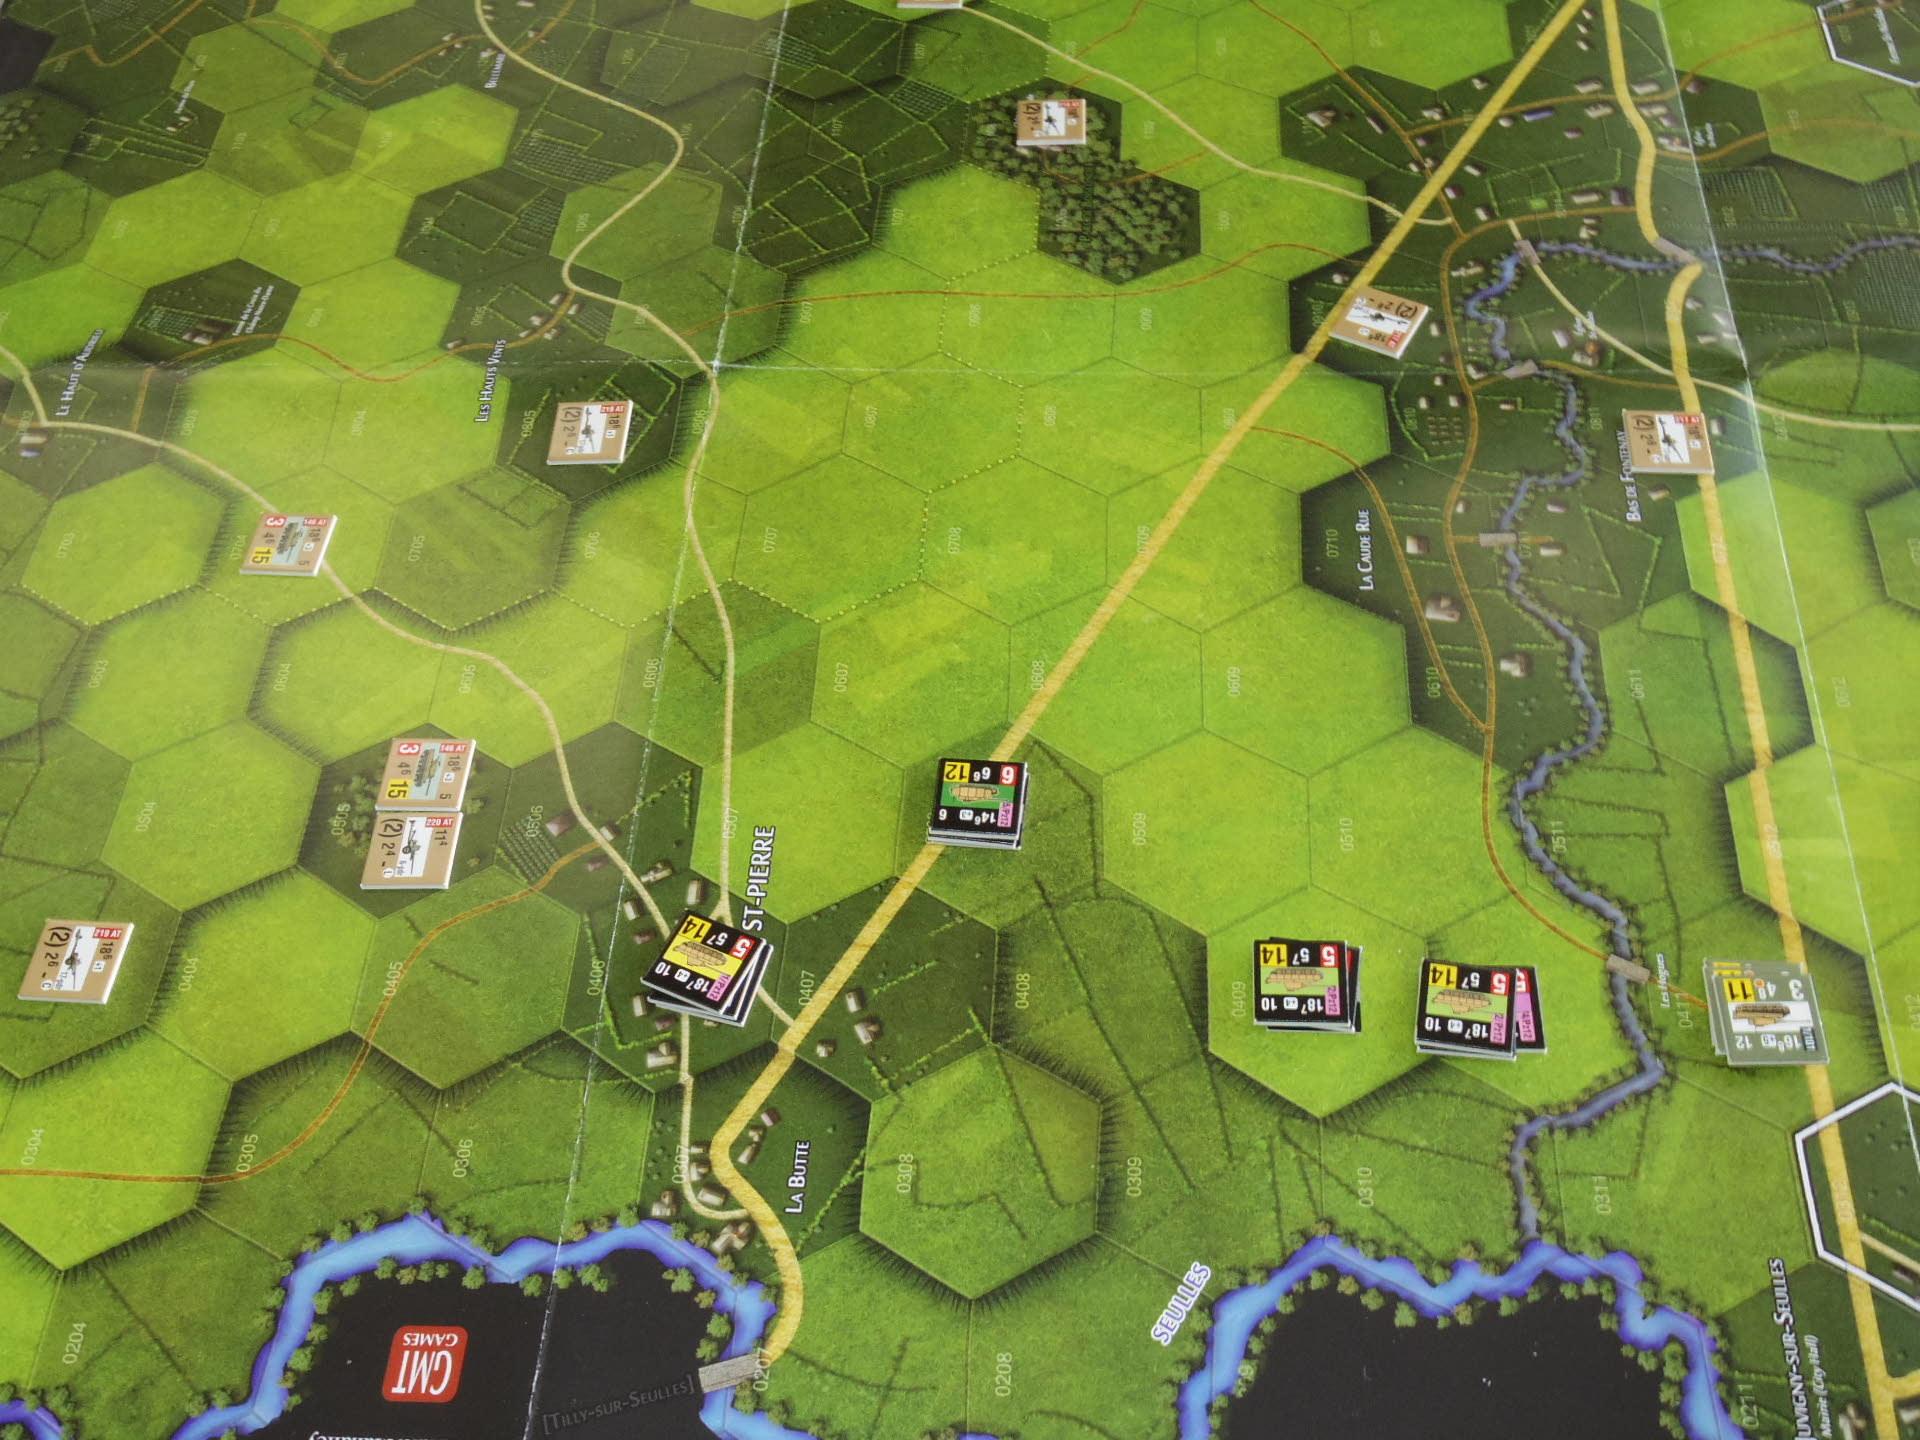 なんやかんや今期一番だったかもしれん・・オペ・ドン➊シナリオ18.T11『Breakthrough』          18.14『Battle for La Ferme St.Nicolas』_b0173672_19451424.jpg